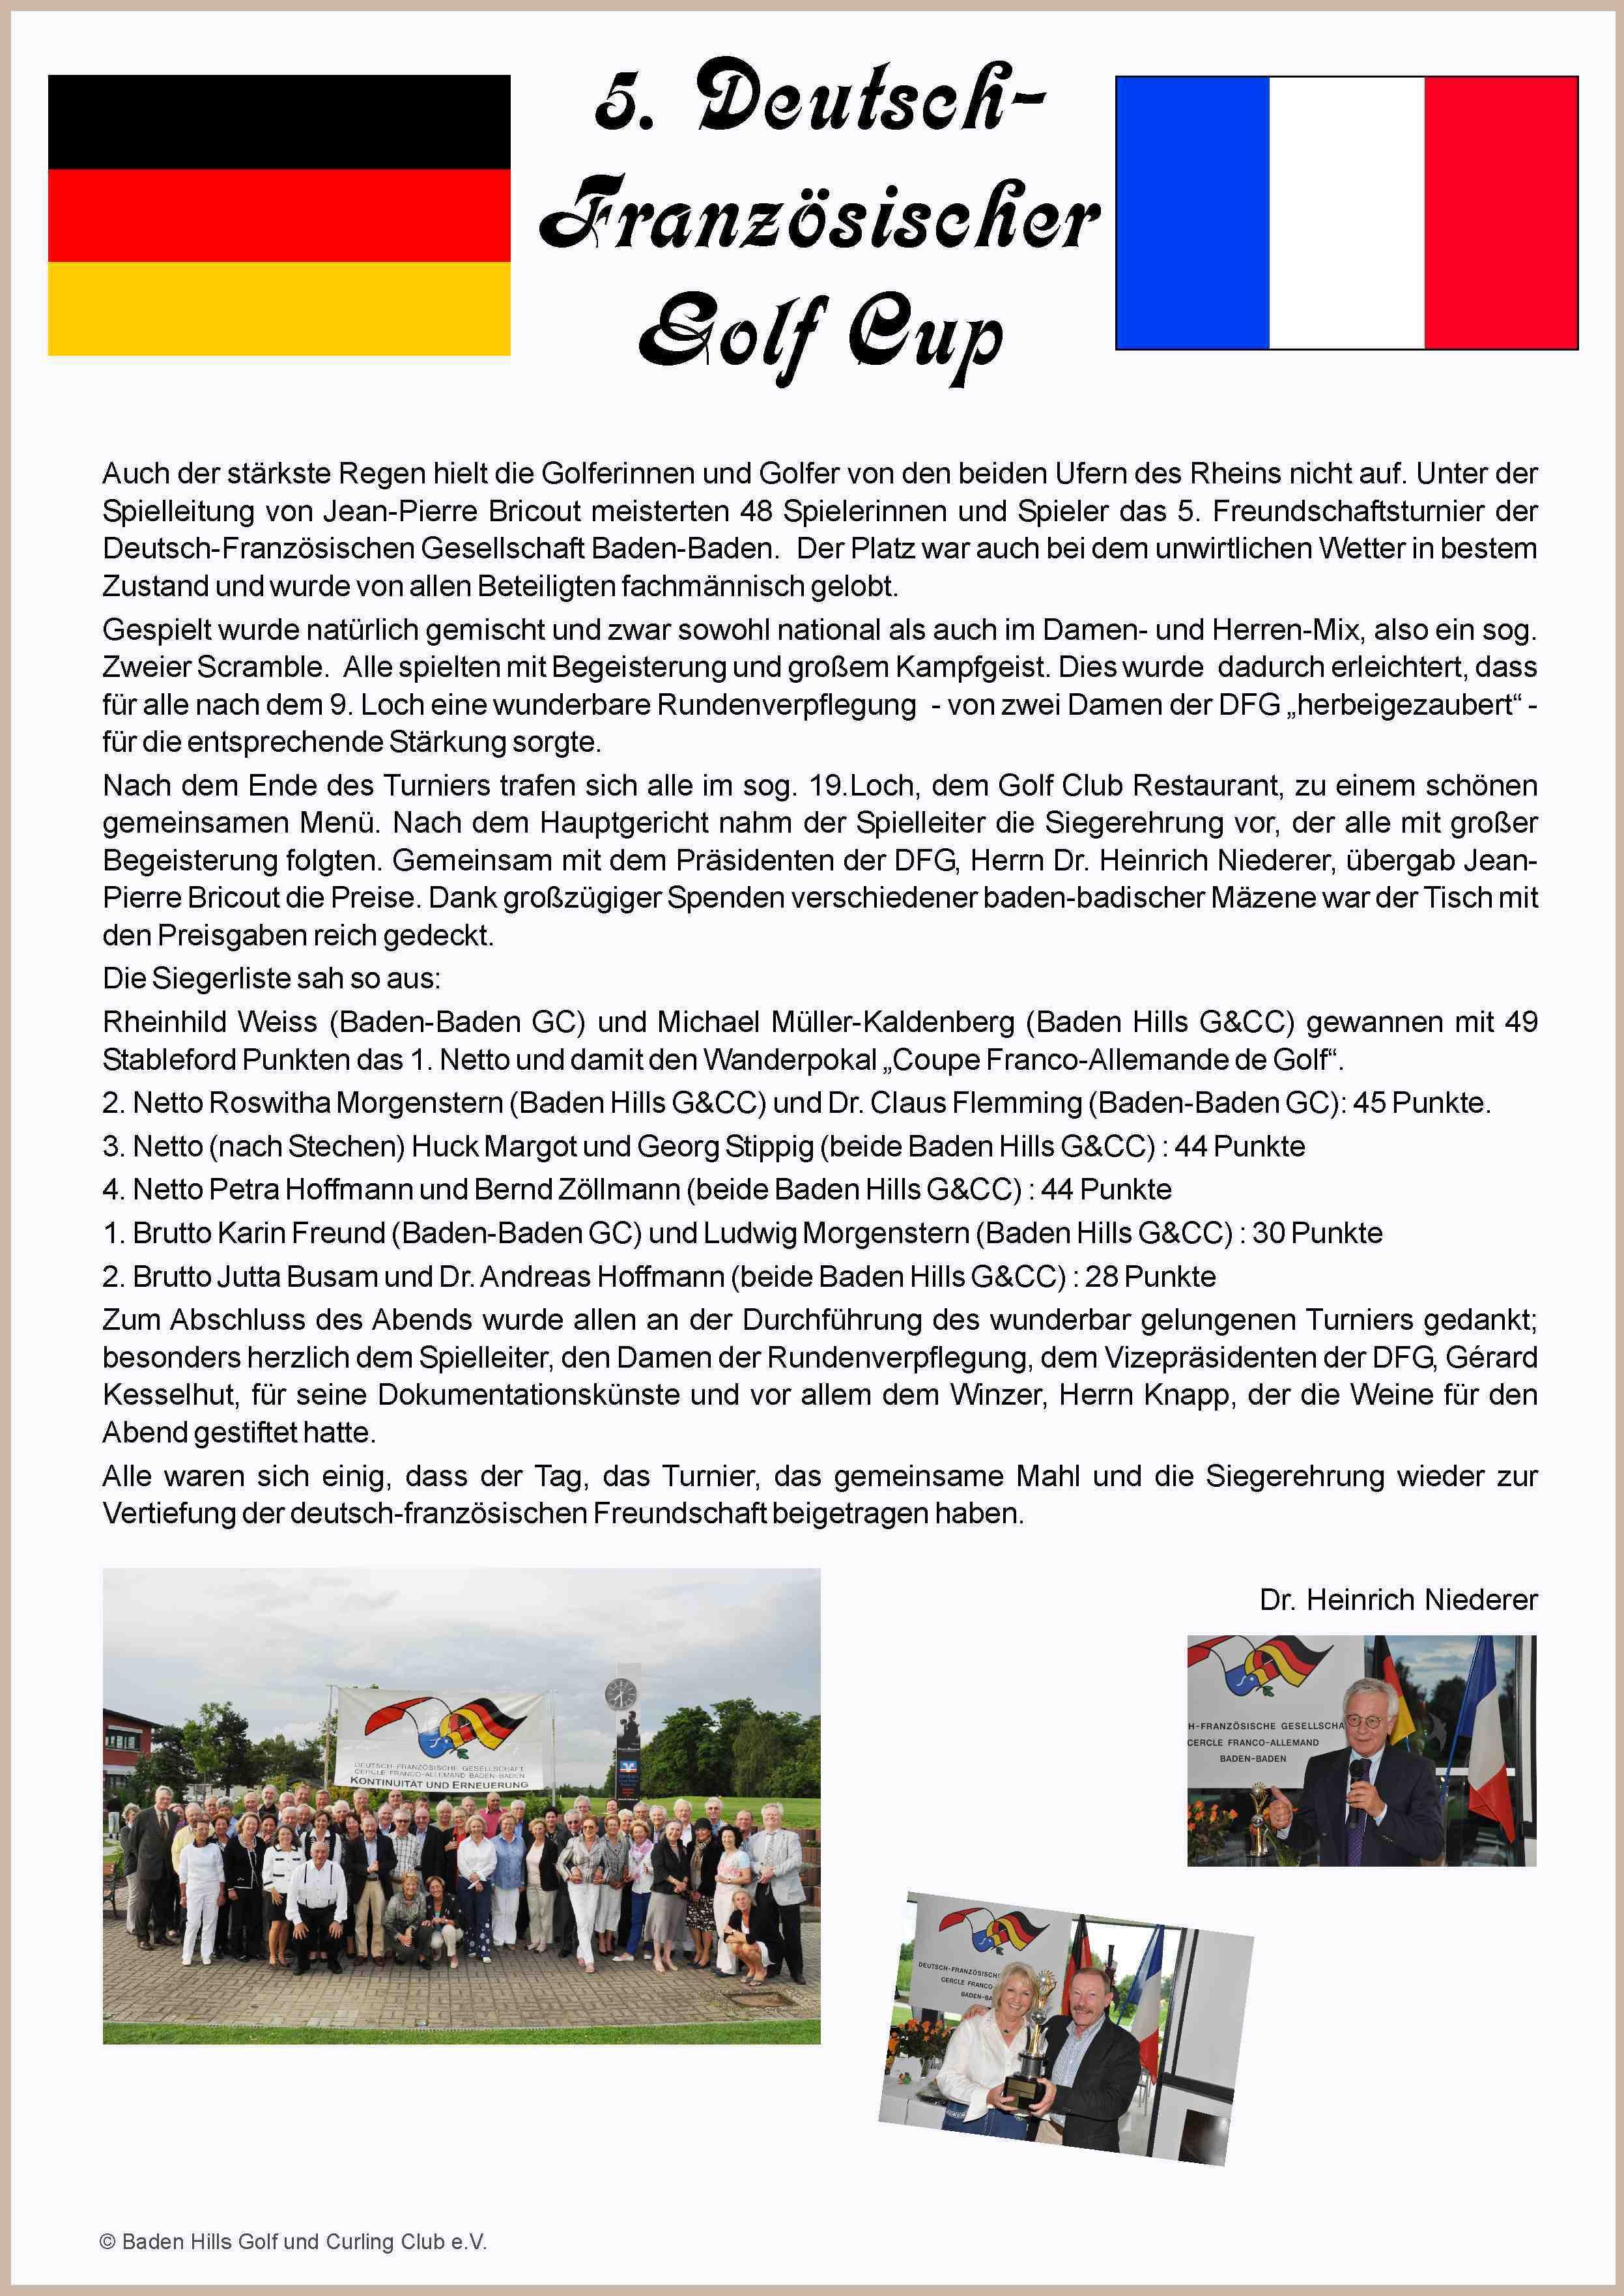 5. Deutsch-Französischer Golf Cup